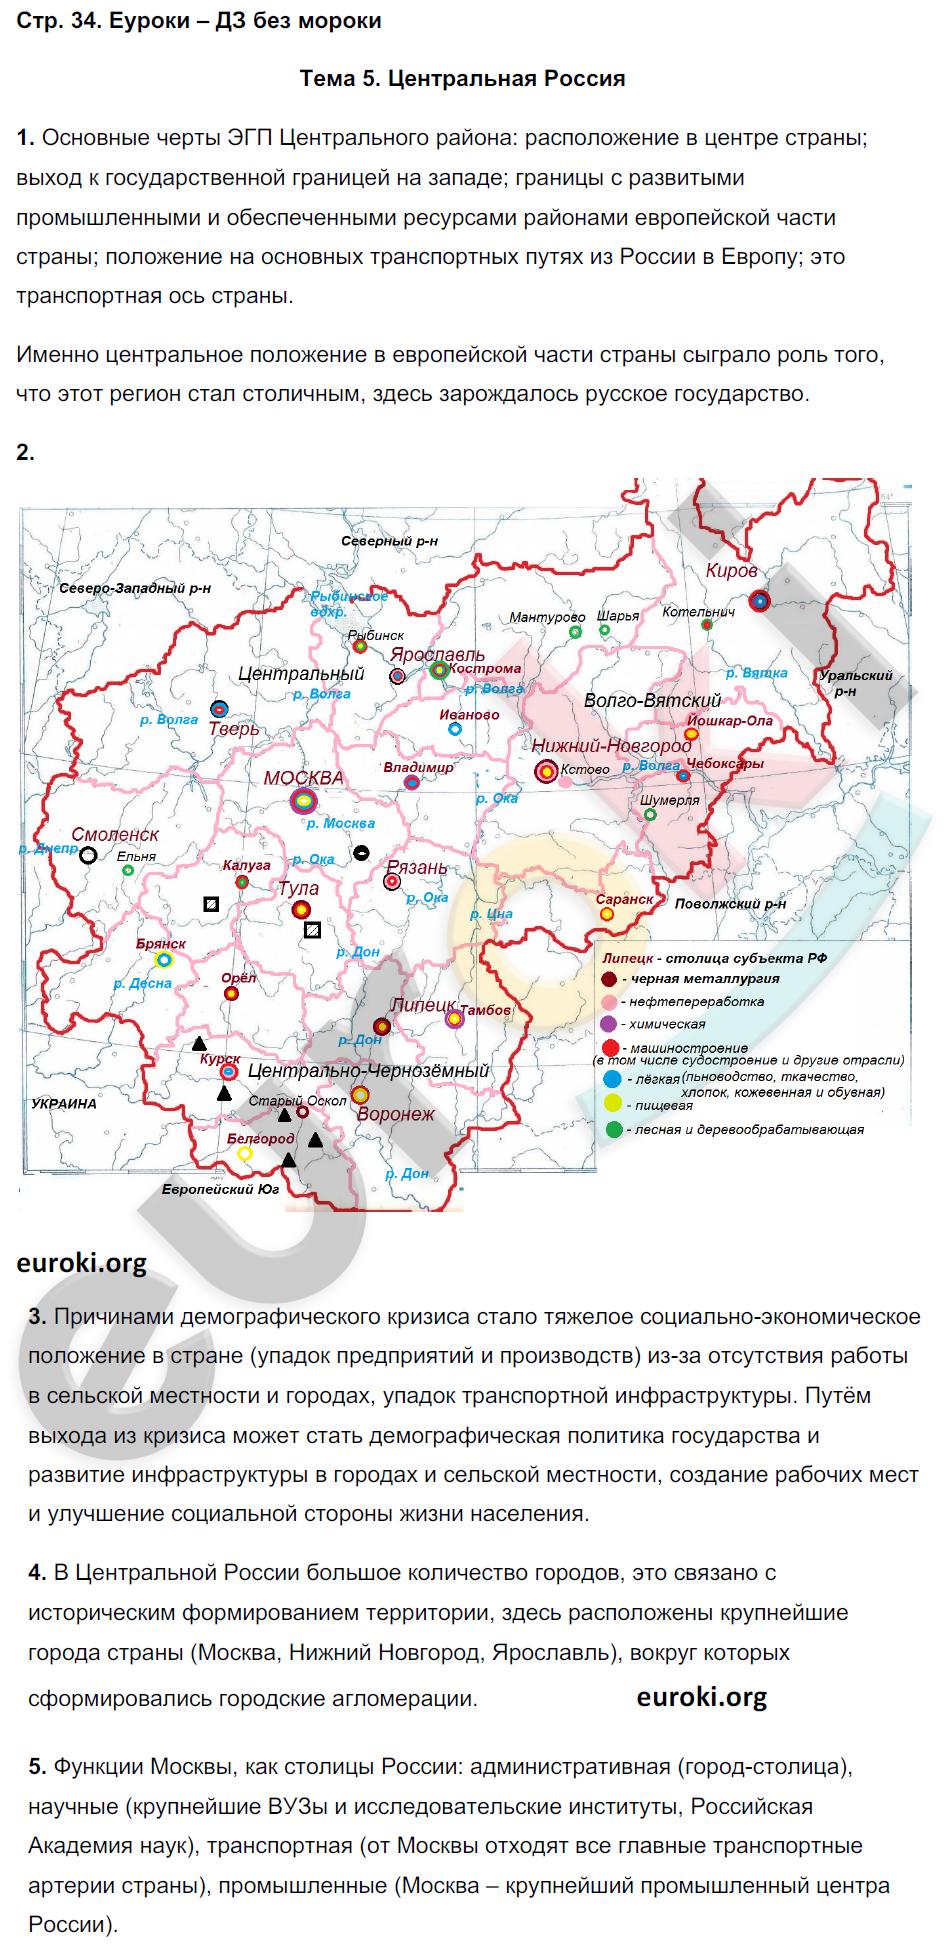 ГДЗ по географии 9 класс рабочая тетрадь Баринова, Суслов. Задание: стр. 34